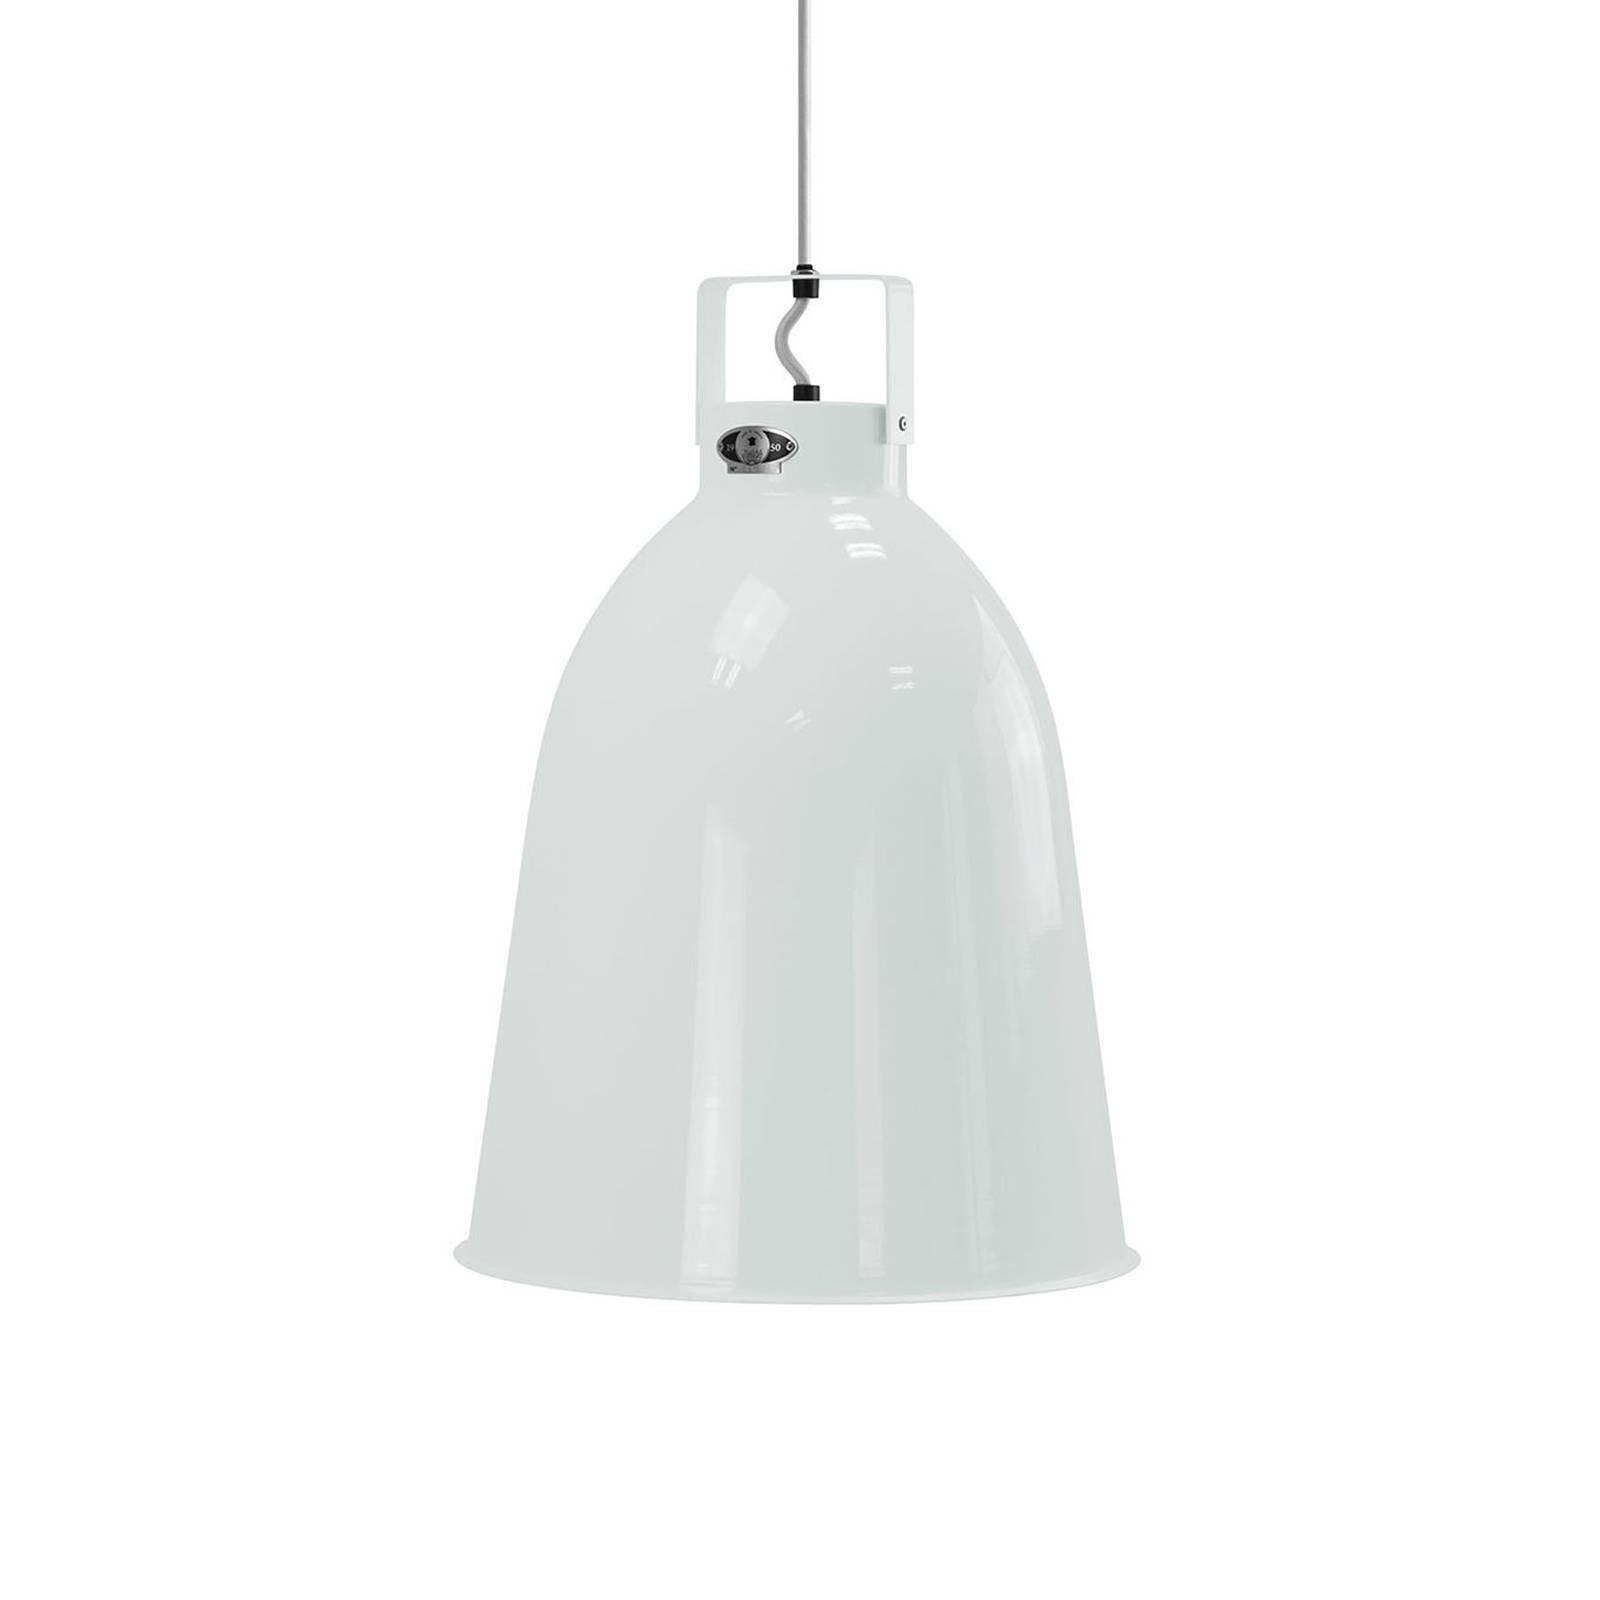 Jieldé Clément C360 hengelampe, blank hvit, Ø36cm